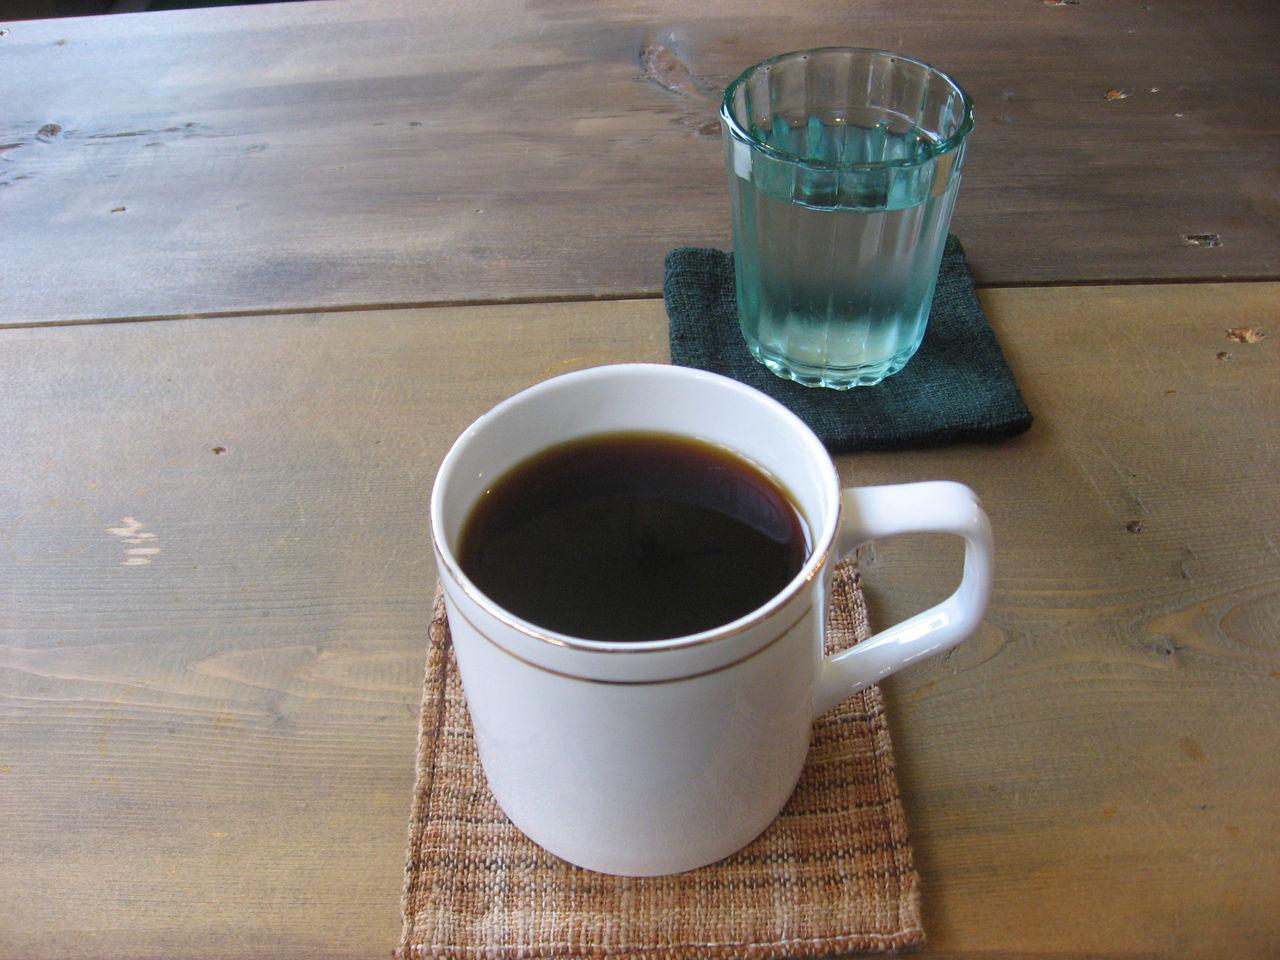 小田隆浩@odaworks(旧アトリエパーシモン)のblogアイス珈琲をめぐって、路地さんへ。2015.4.18コメントトラックバック                odaworks